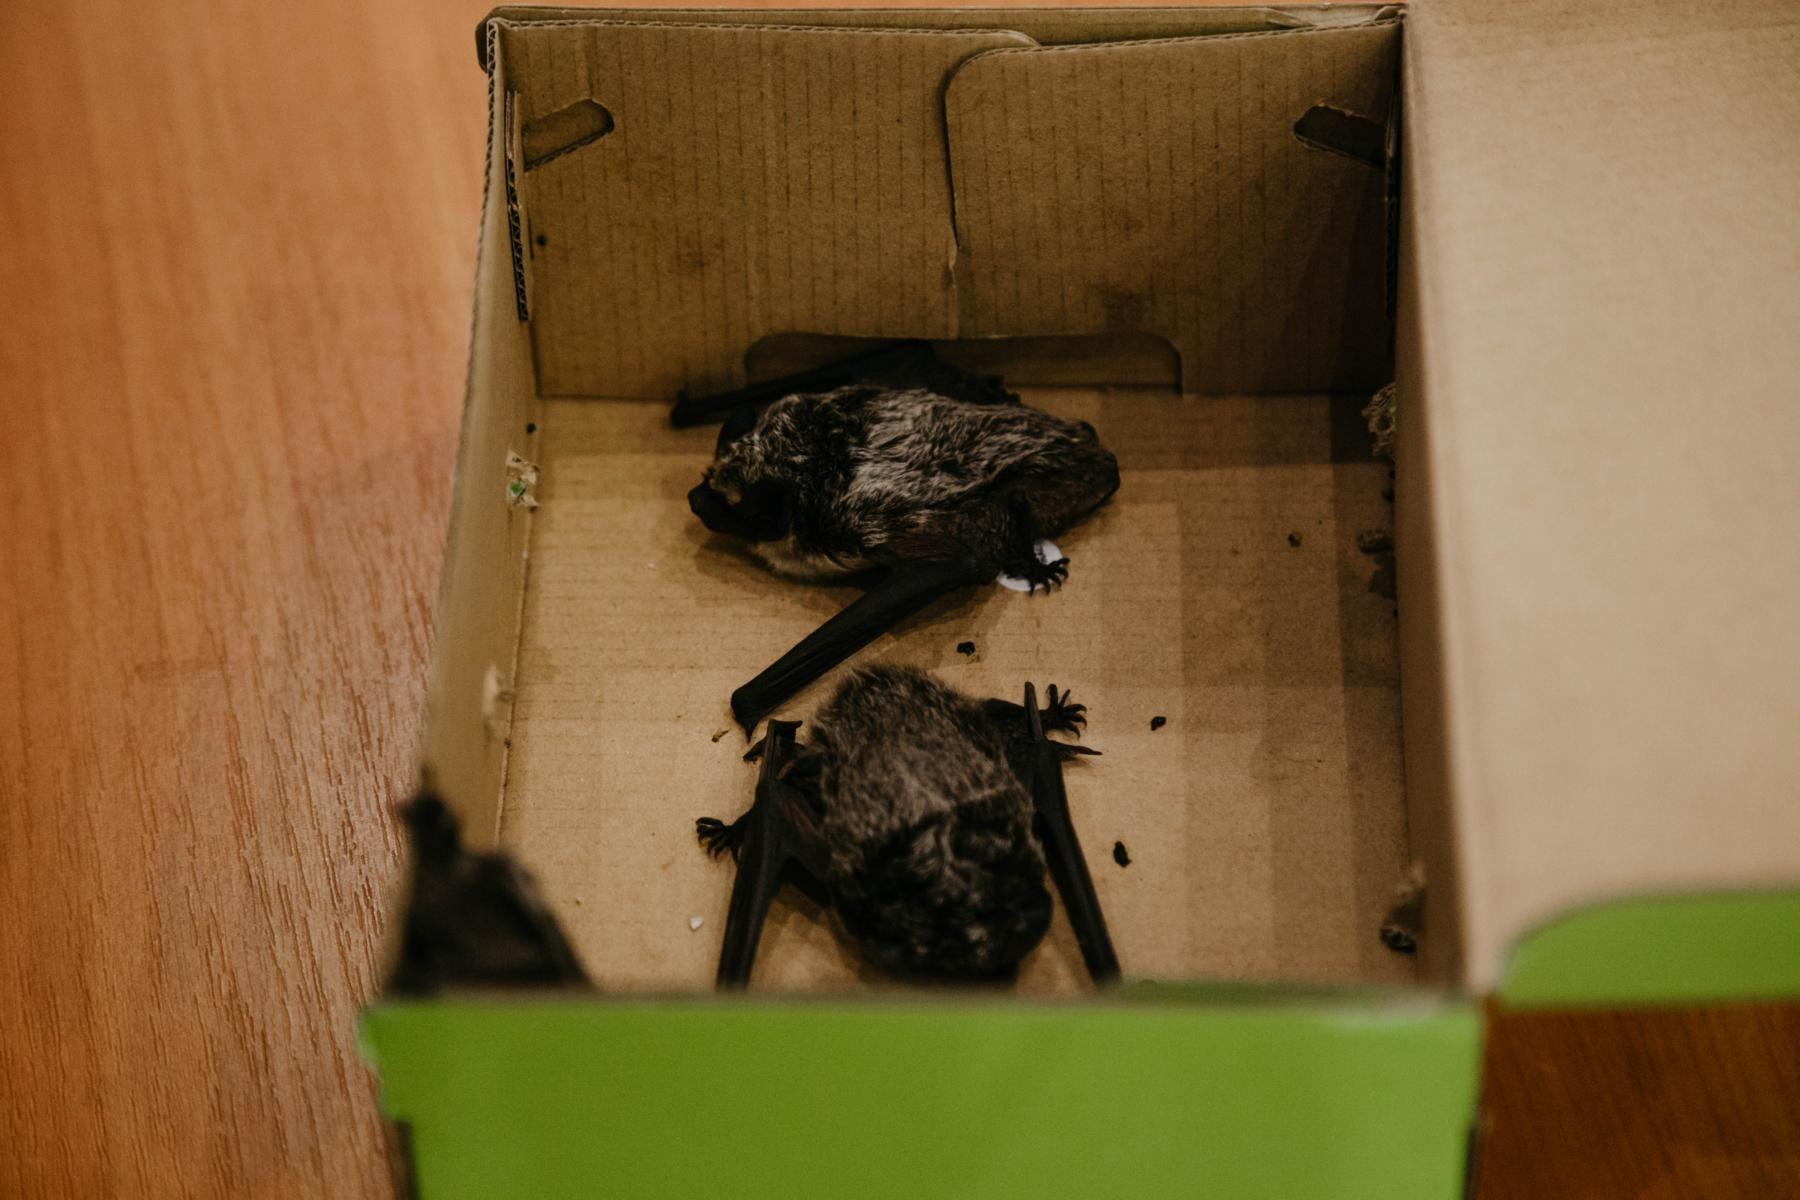 Раз или дважды в неделю Алексей Шпак либо его помощники доставляют партию летучих мышей на Макаёнка. В коробке из-под обуви, растопырив крылья, трое двухцветных кожанов.